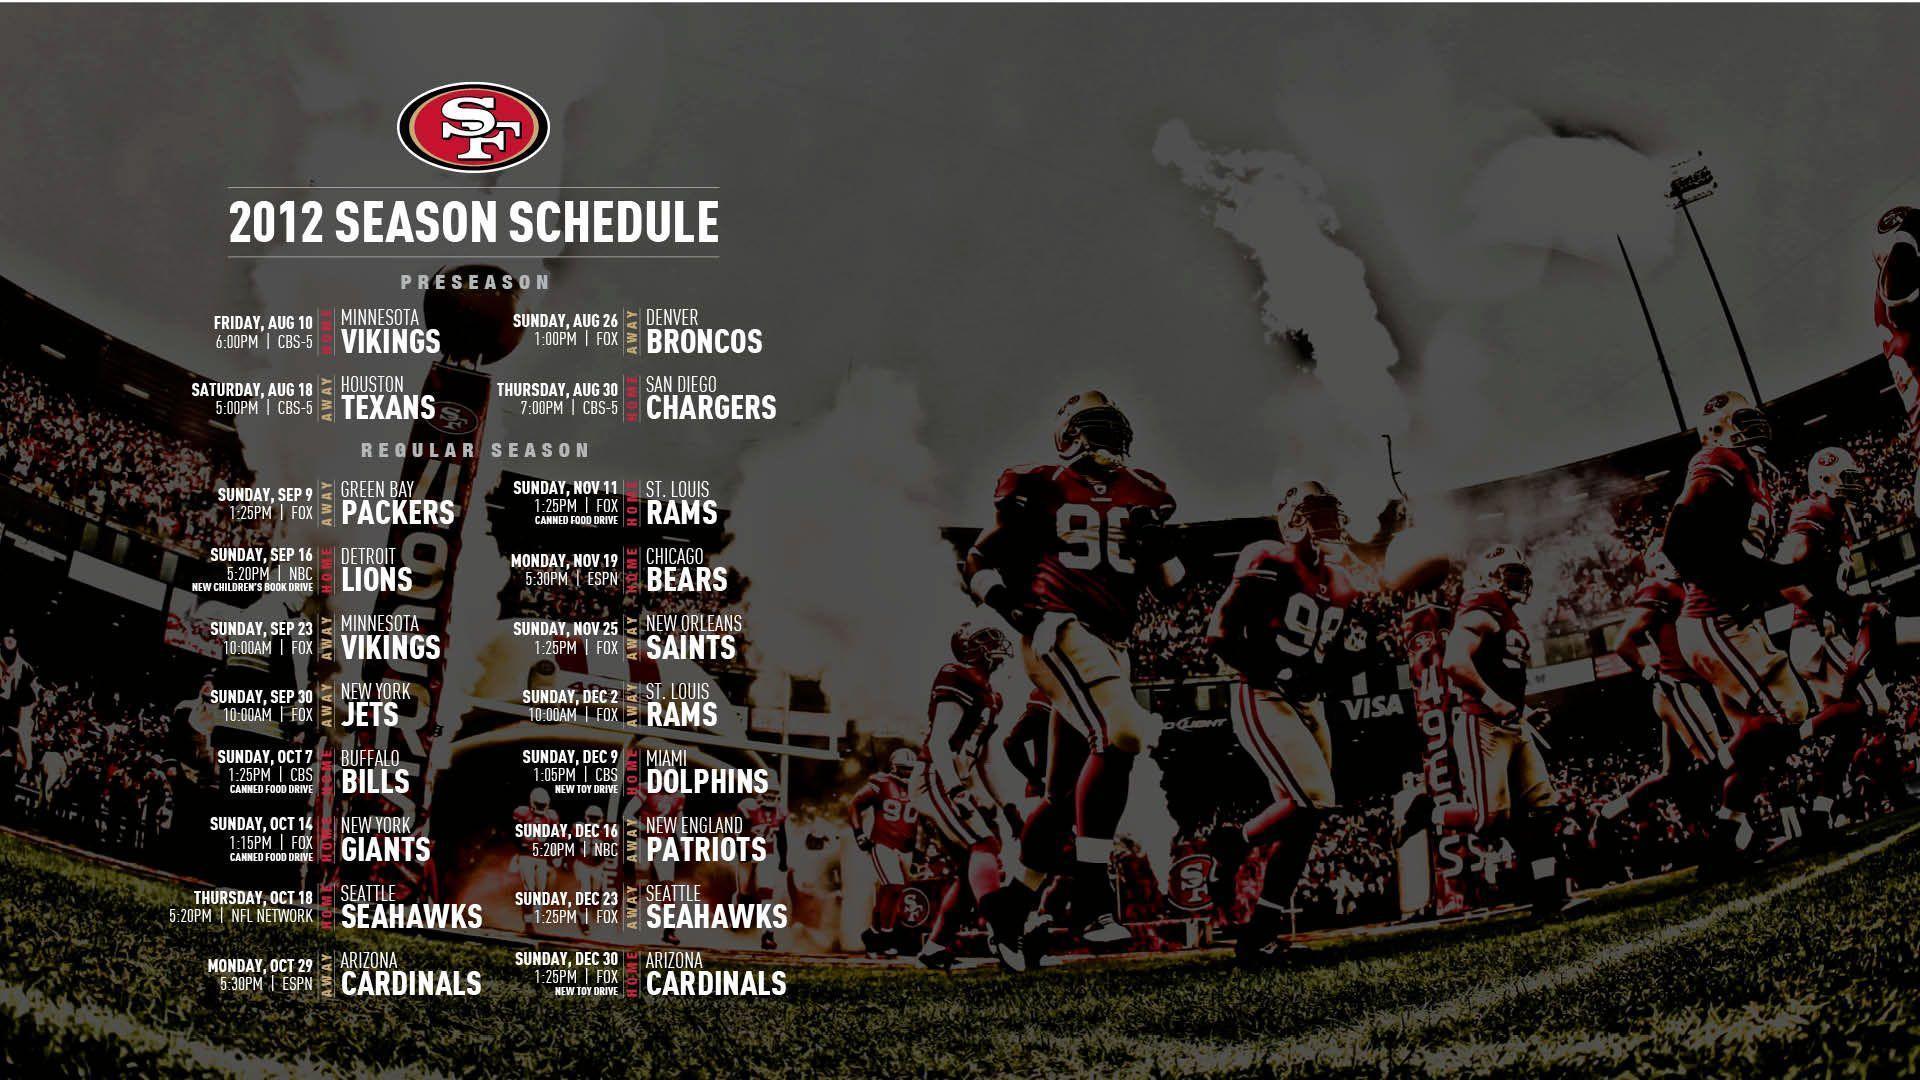 49ers.com | Downloads